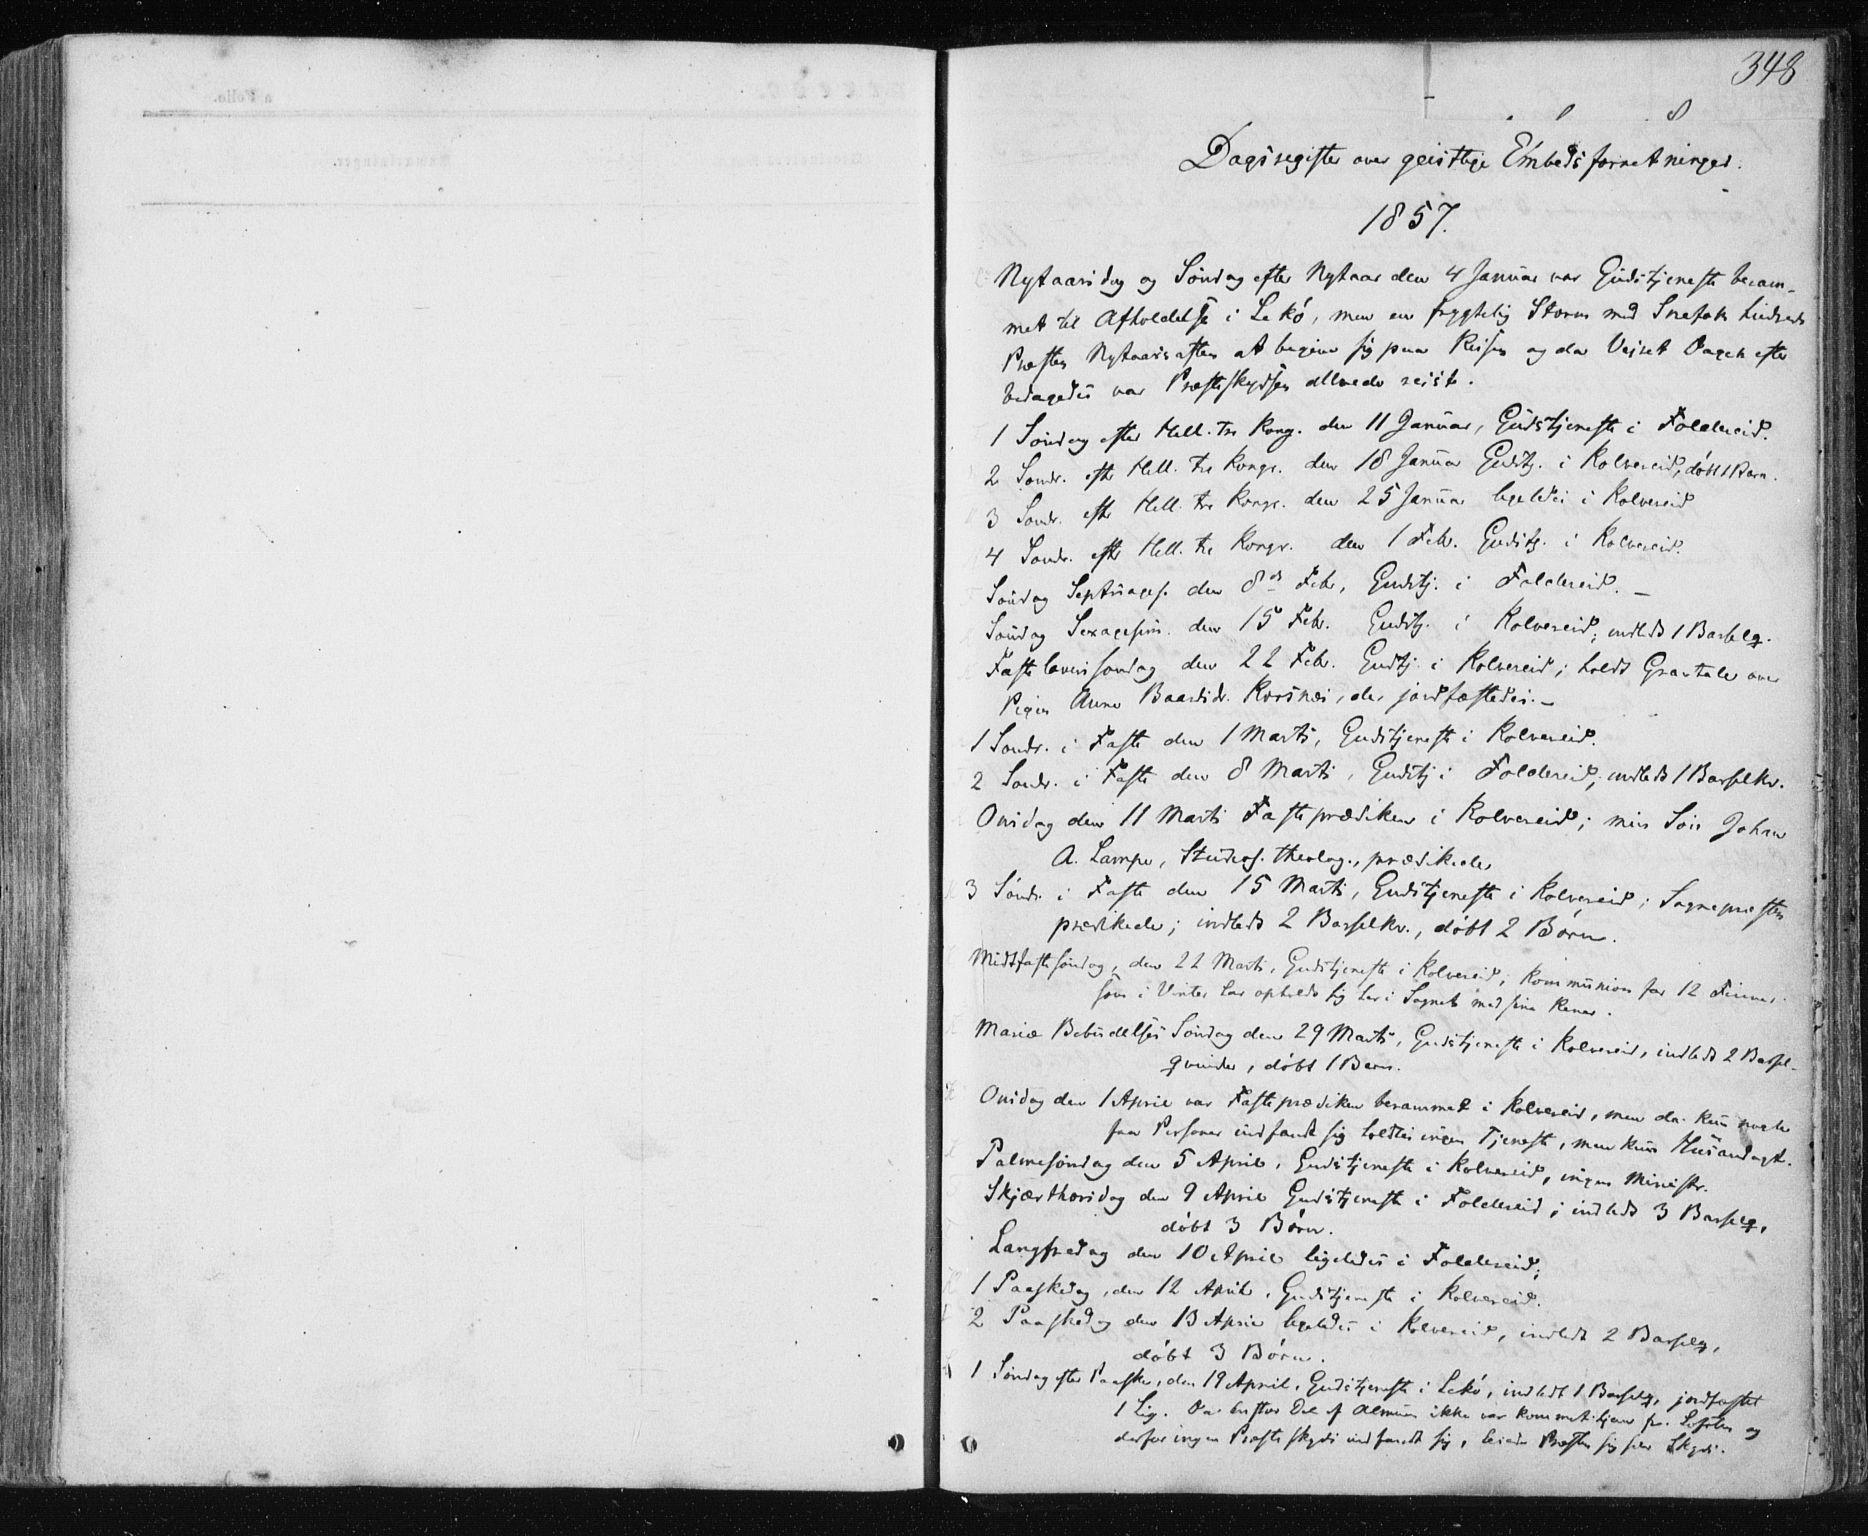 SAT, Ministerialprotokoller, klokkerbøker og fødselsregistre - Nord-Trøndelag, 780/L0641: Ministerialbok nr. 780A06, 1857-1874, s. 347